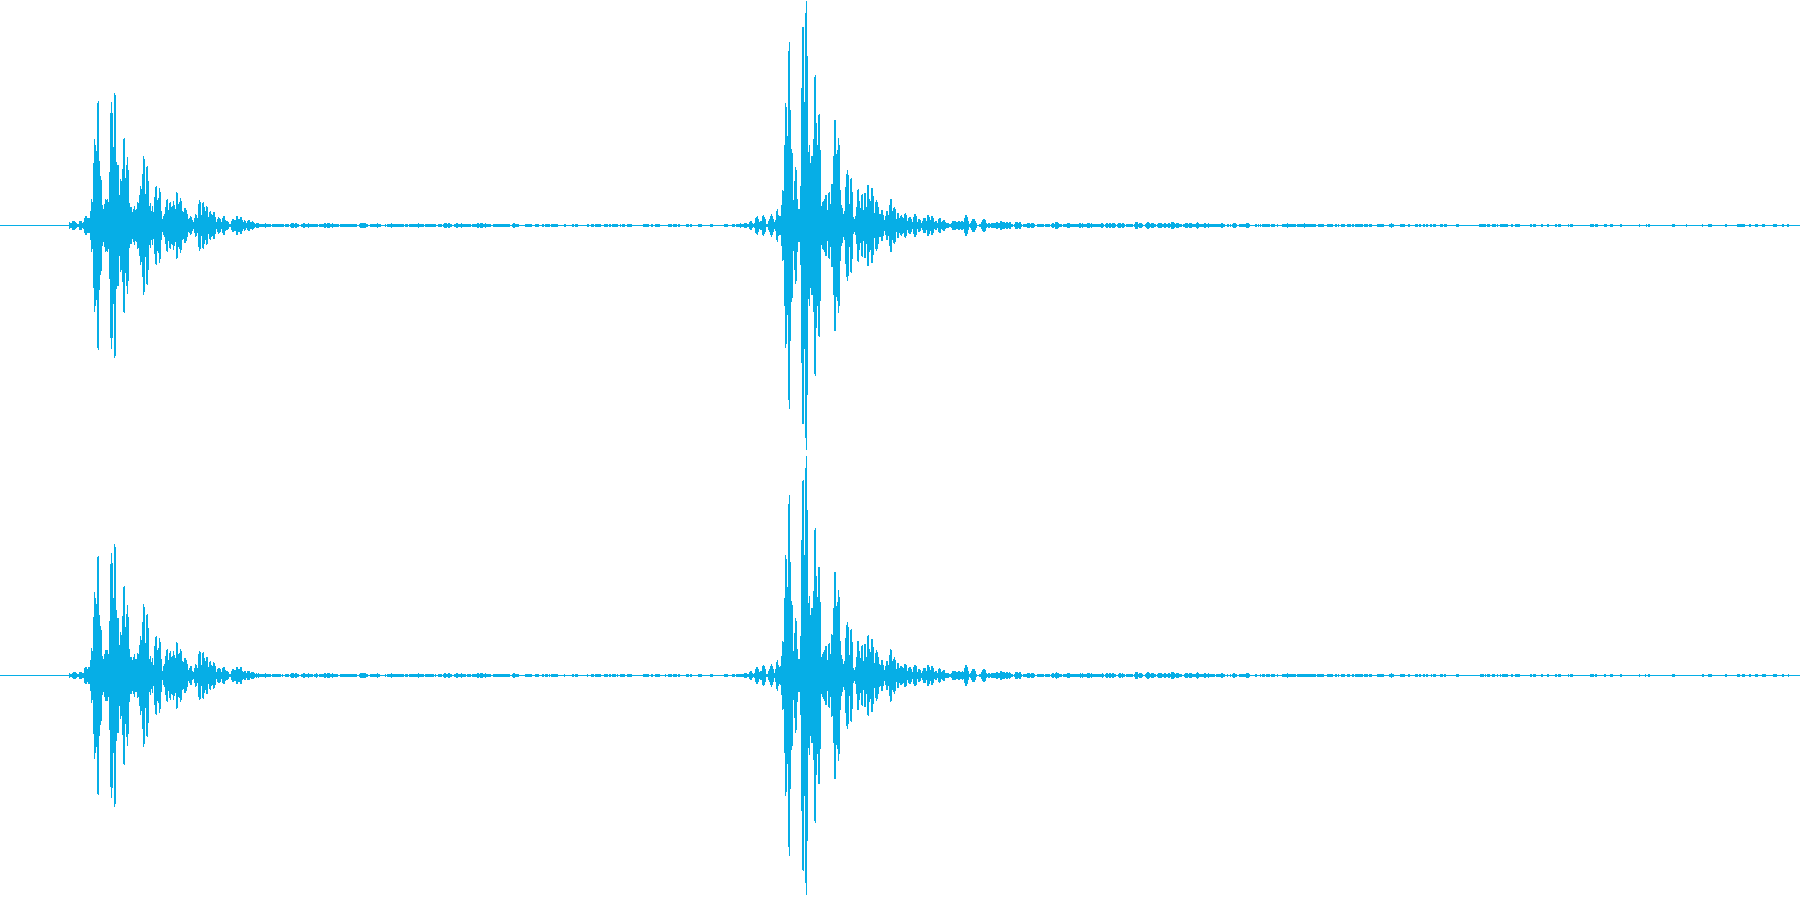 ノック1(軽い・乾いた音) コンコンの再生済みの波形